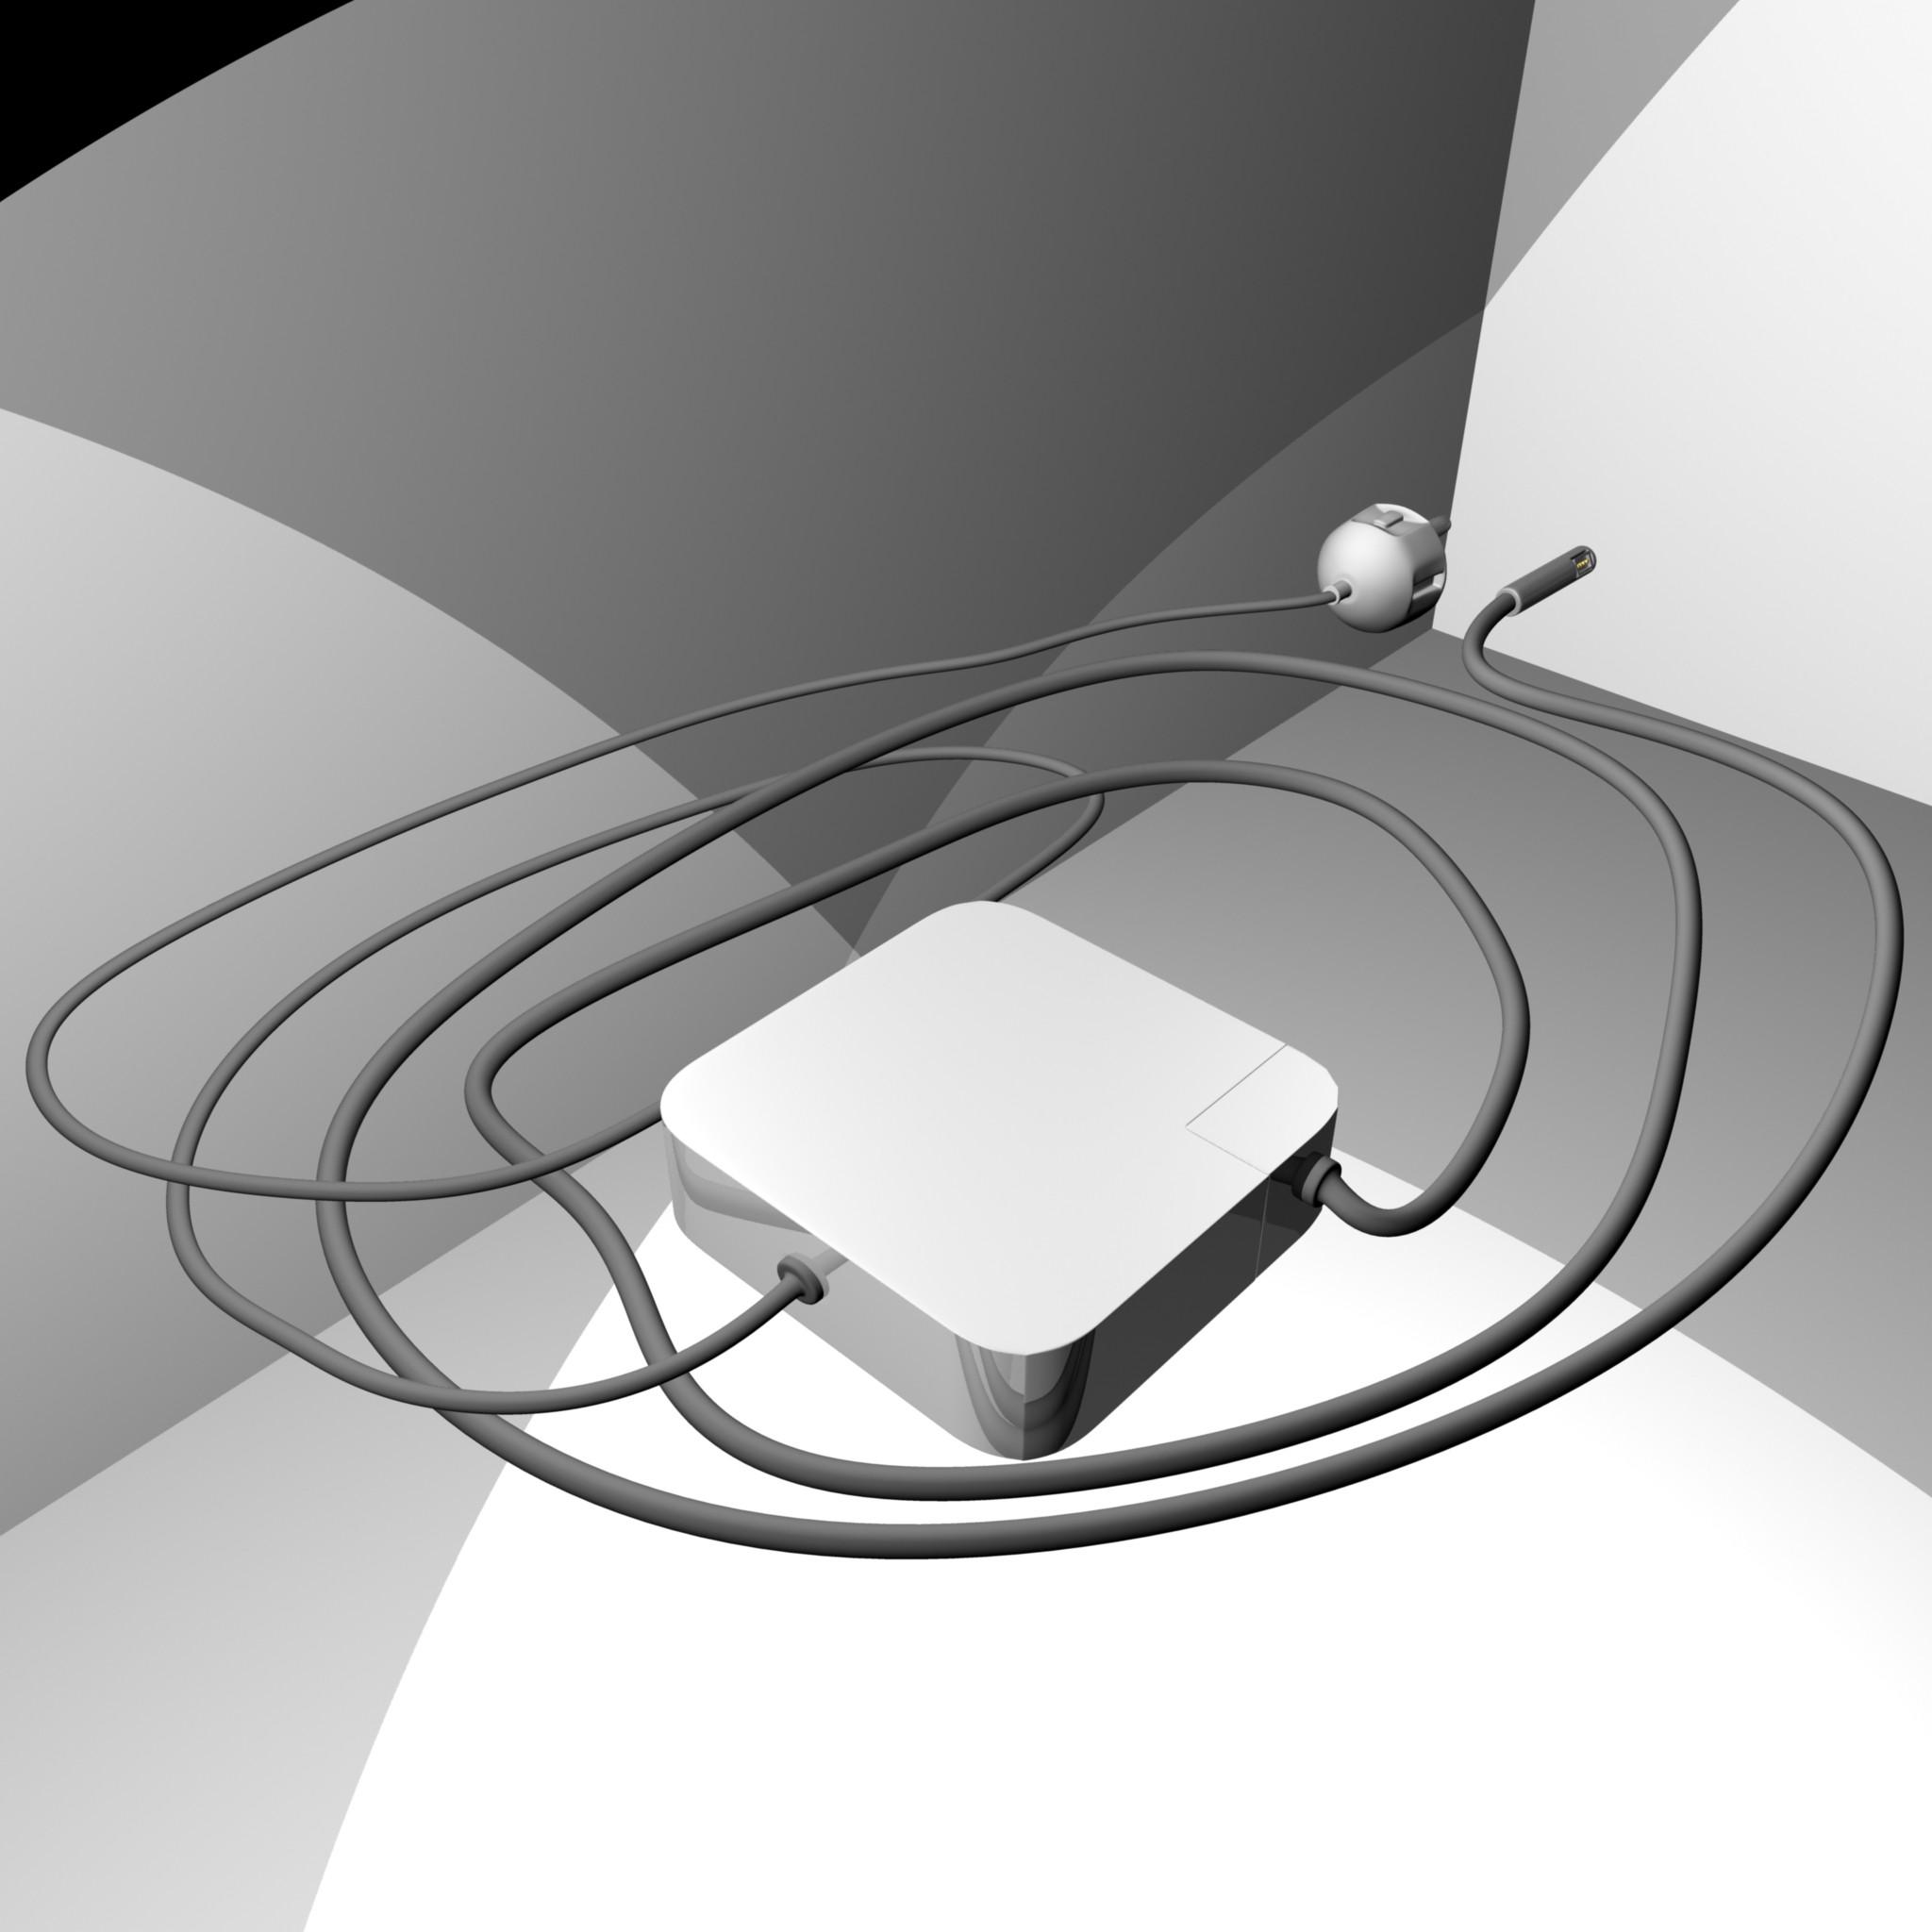 render_1.jpg